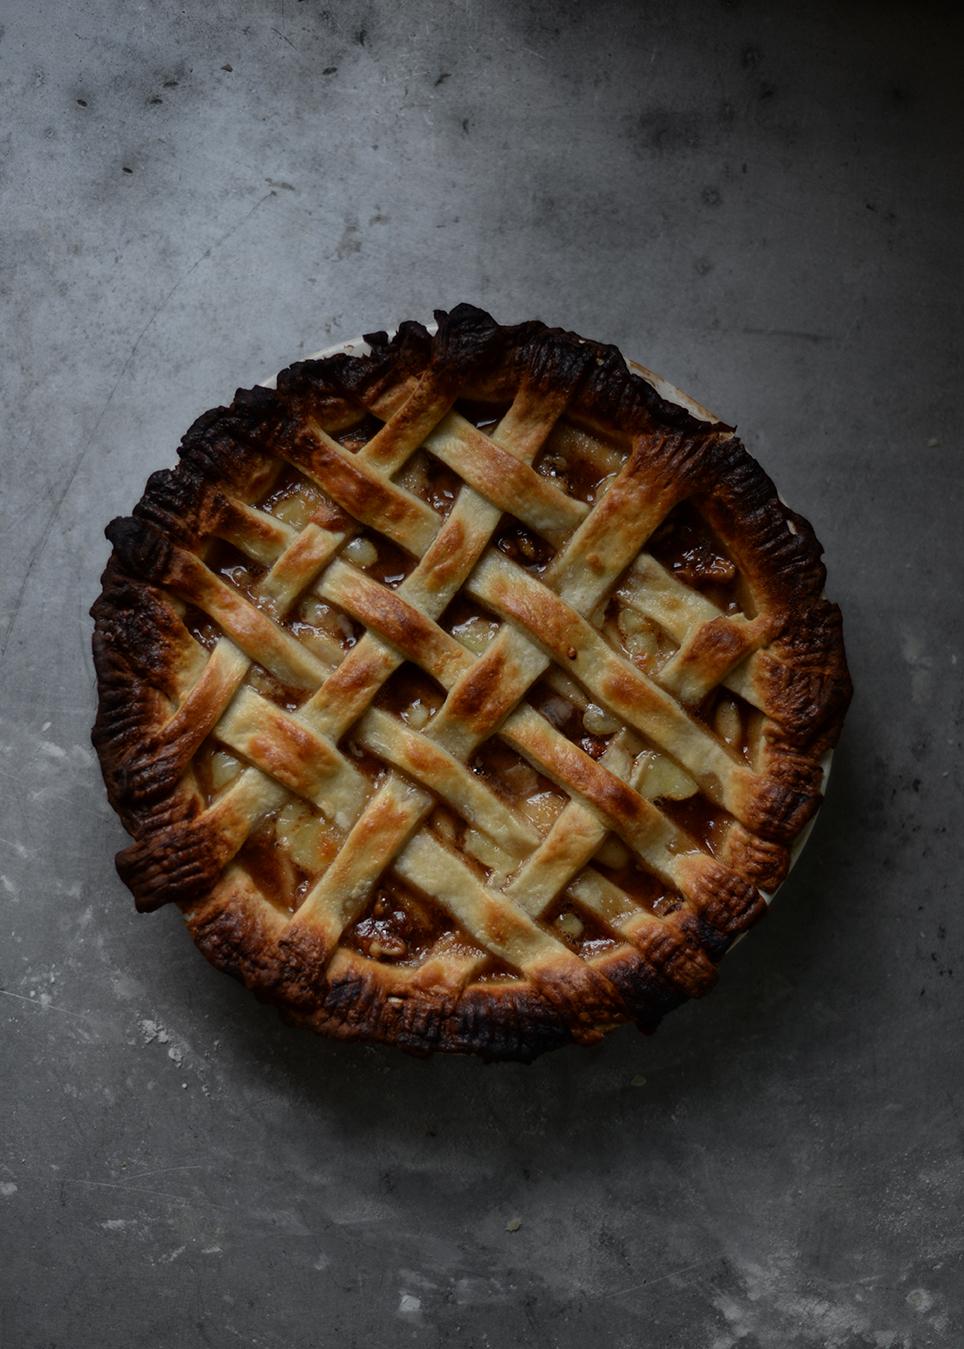 pie done1 copy.jpg